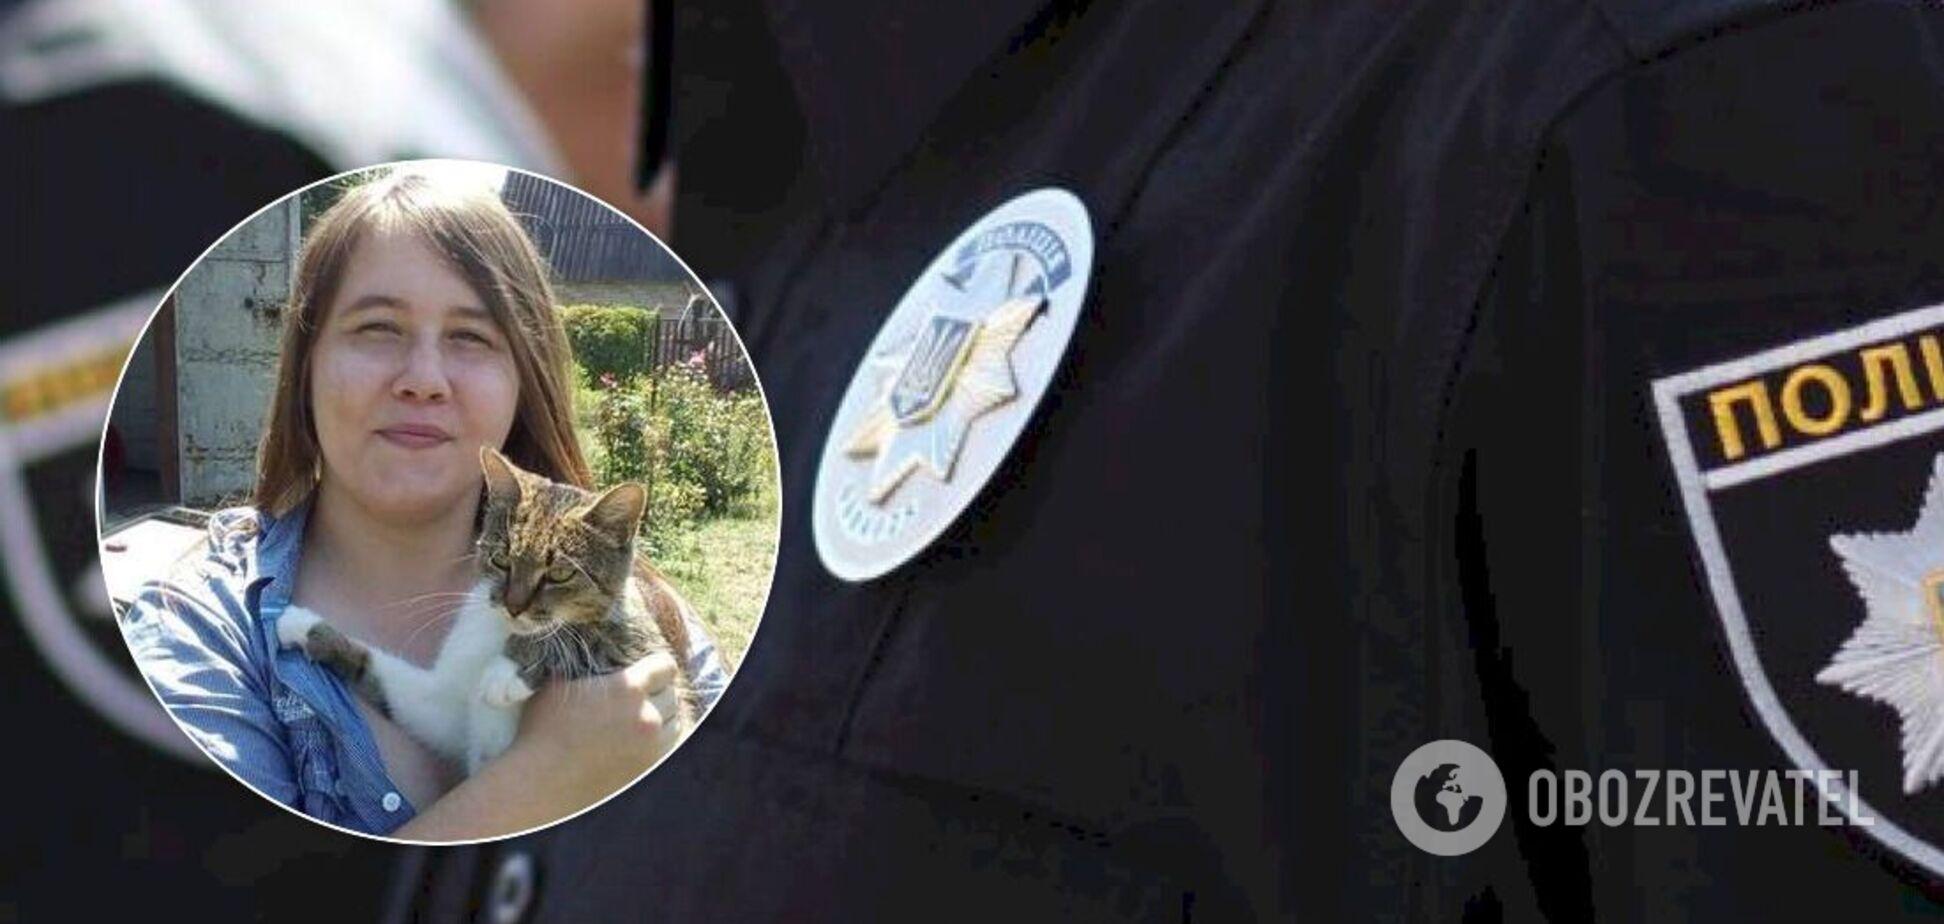 Под Запорожьем девушка с двумя 'помощниками' издевалась над животными и снимала на видео извращения. Эксклюзивные подробности